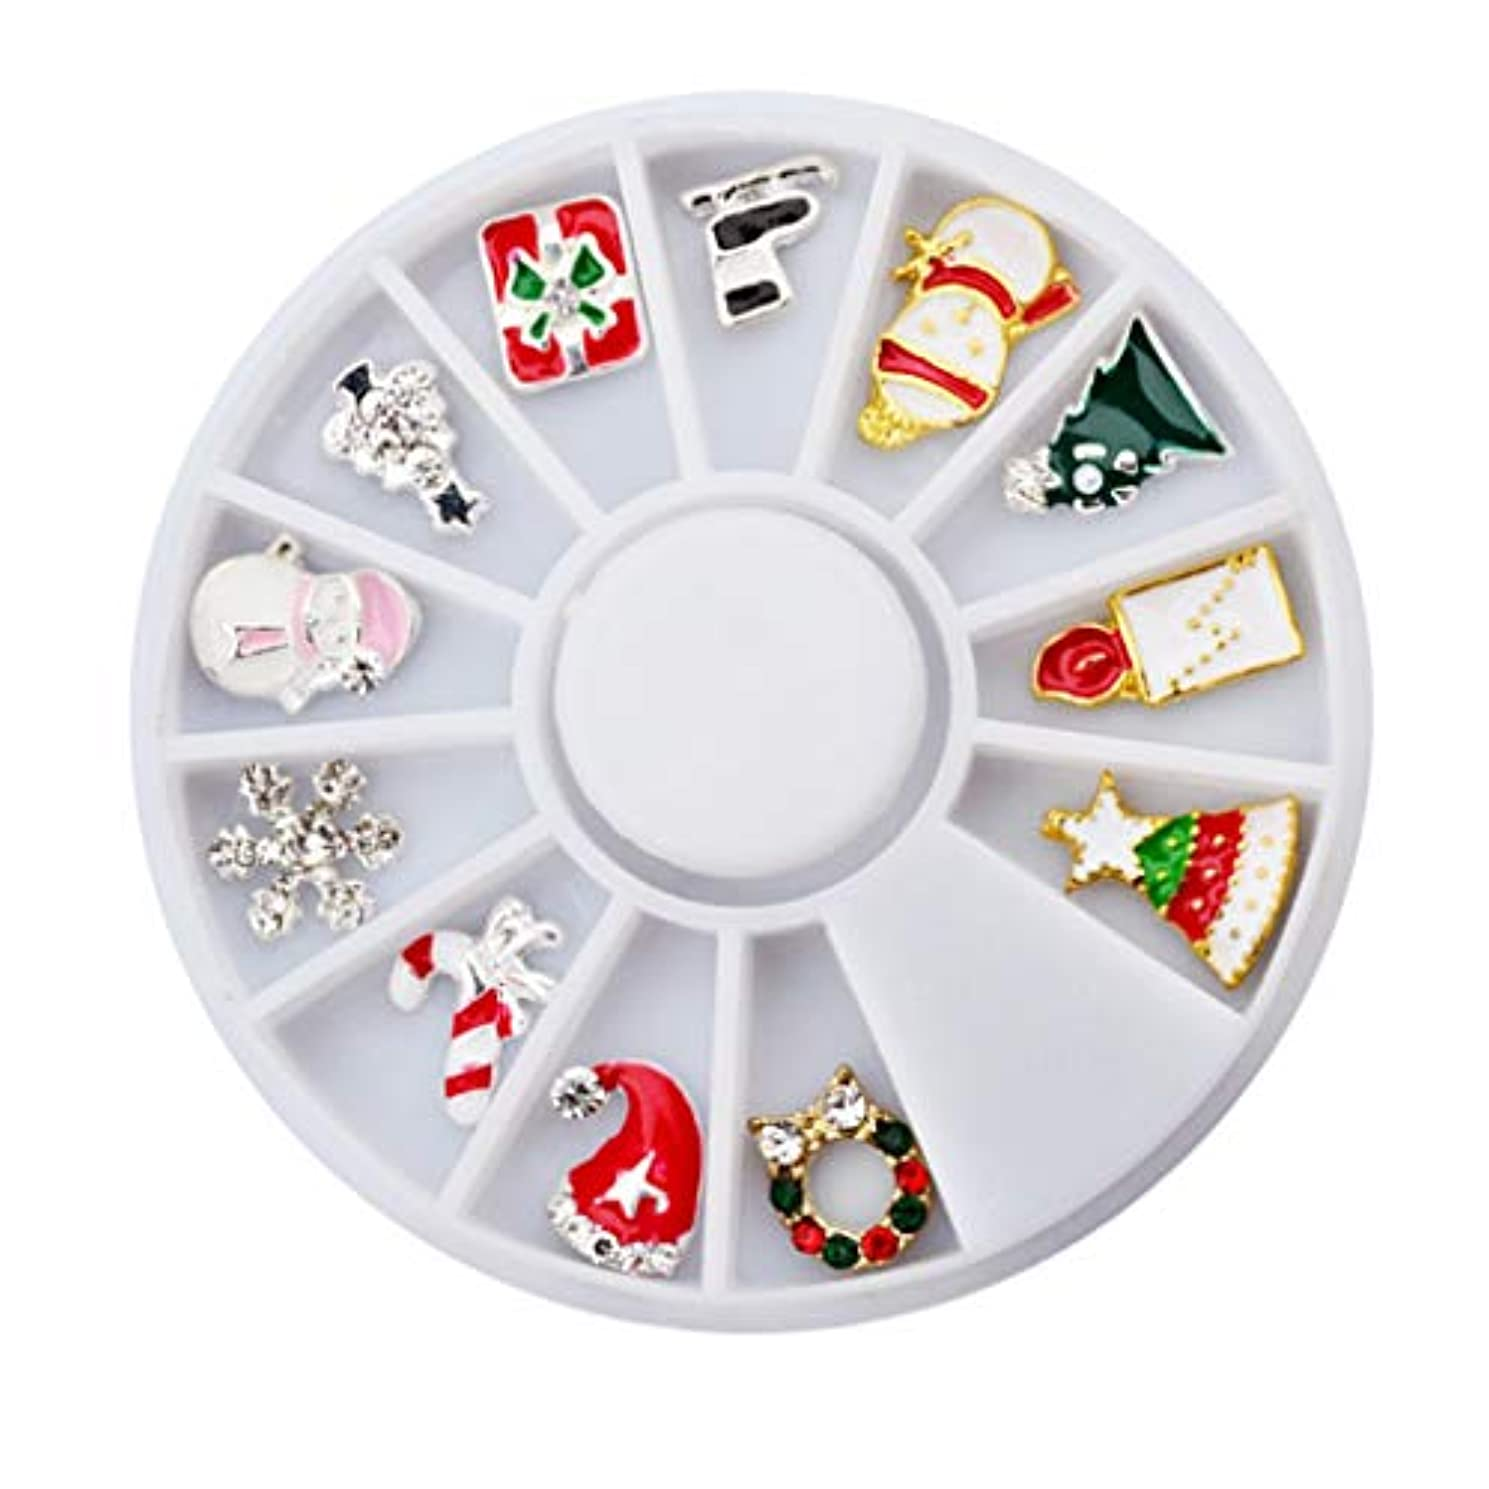 おしゃれなリングスキッパーToygogo ネイルアート3Dアクセサリー12個混合クリスマス合金デカールDIY飾り装飾ステッカー